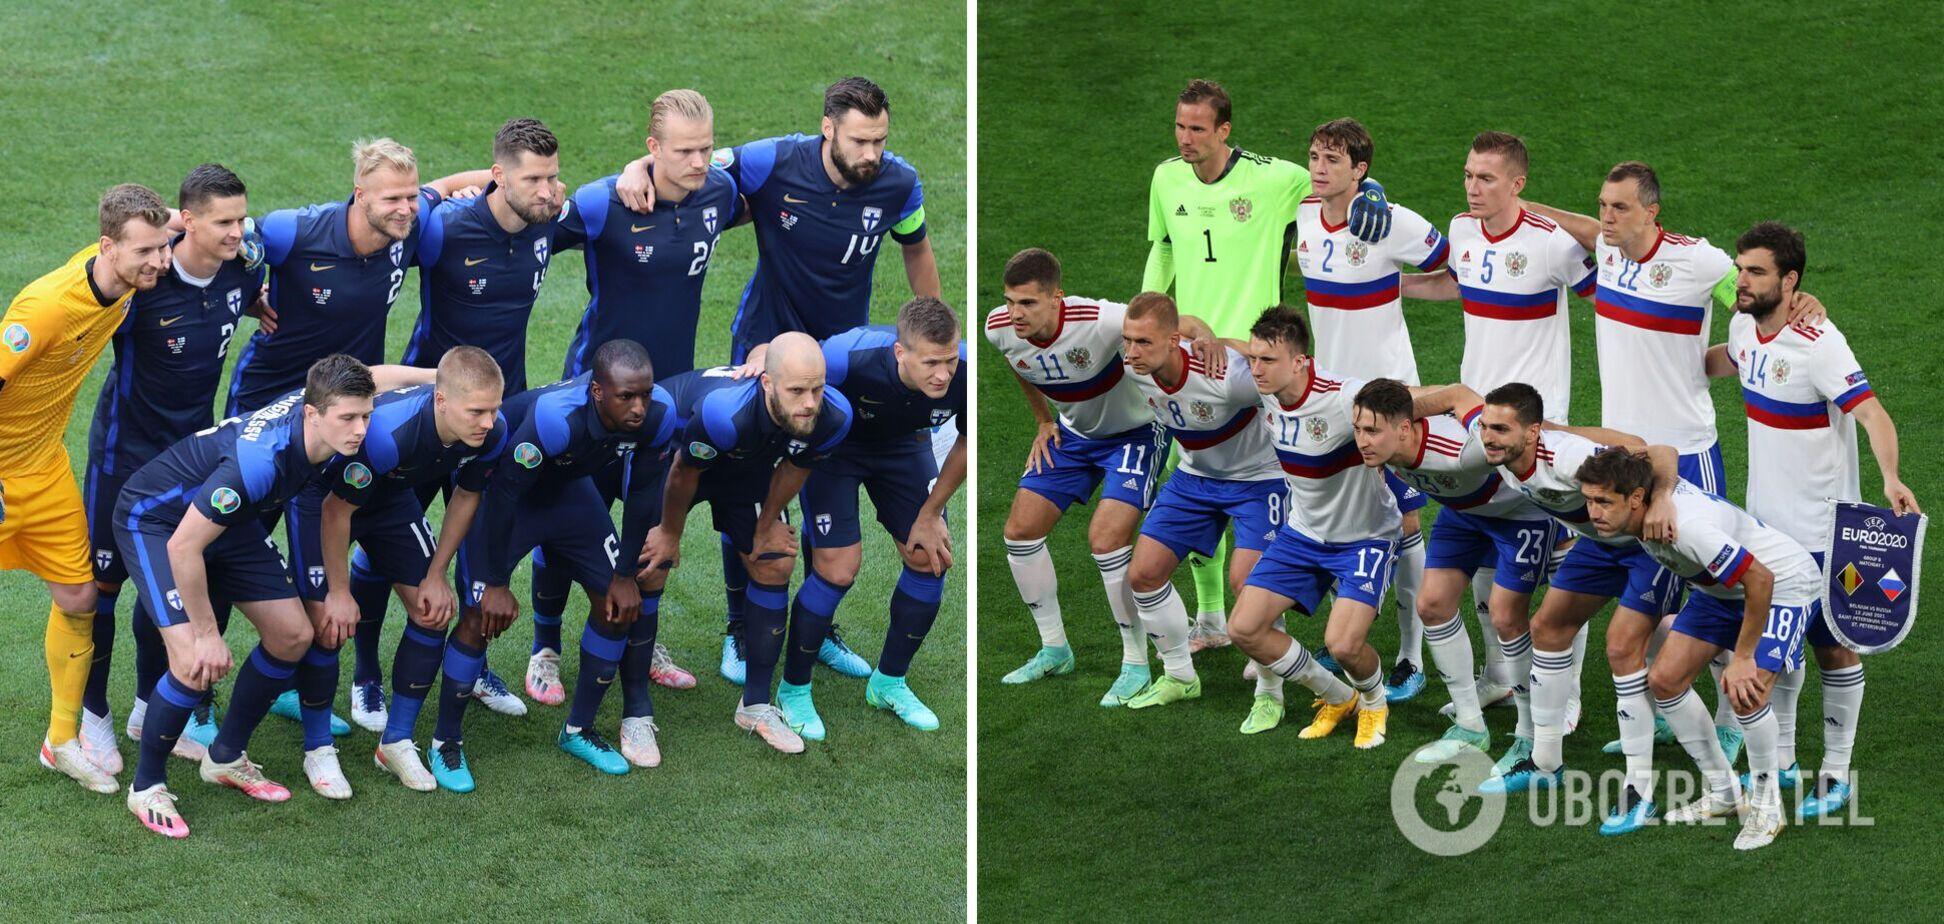 Финляндия Россия время начала матча